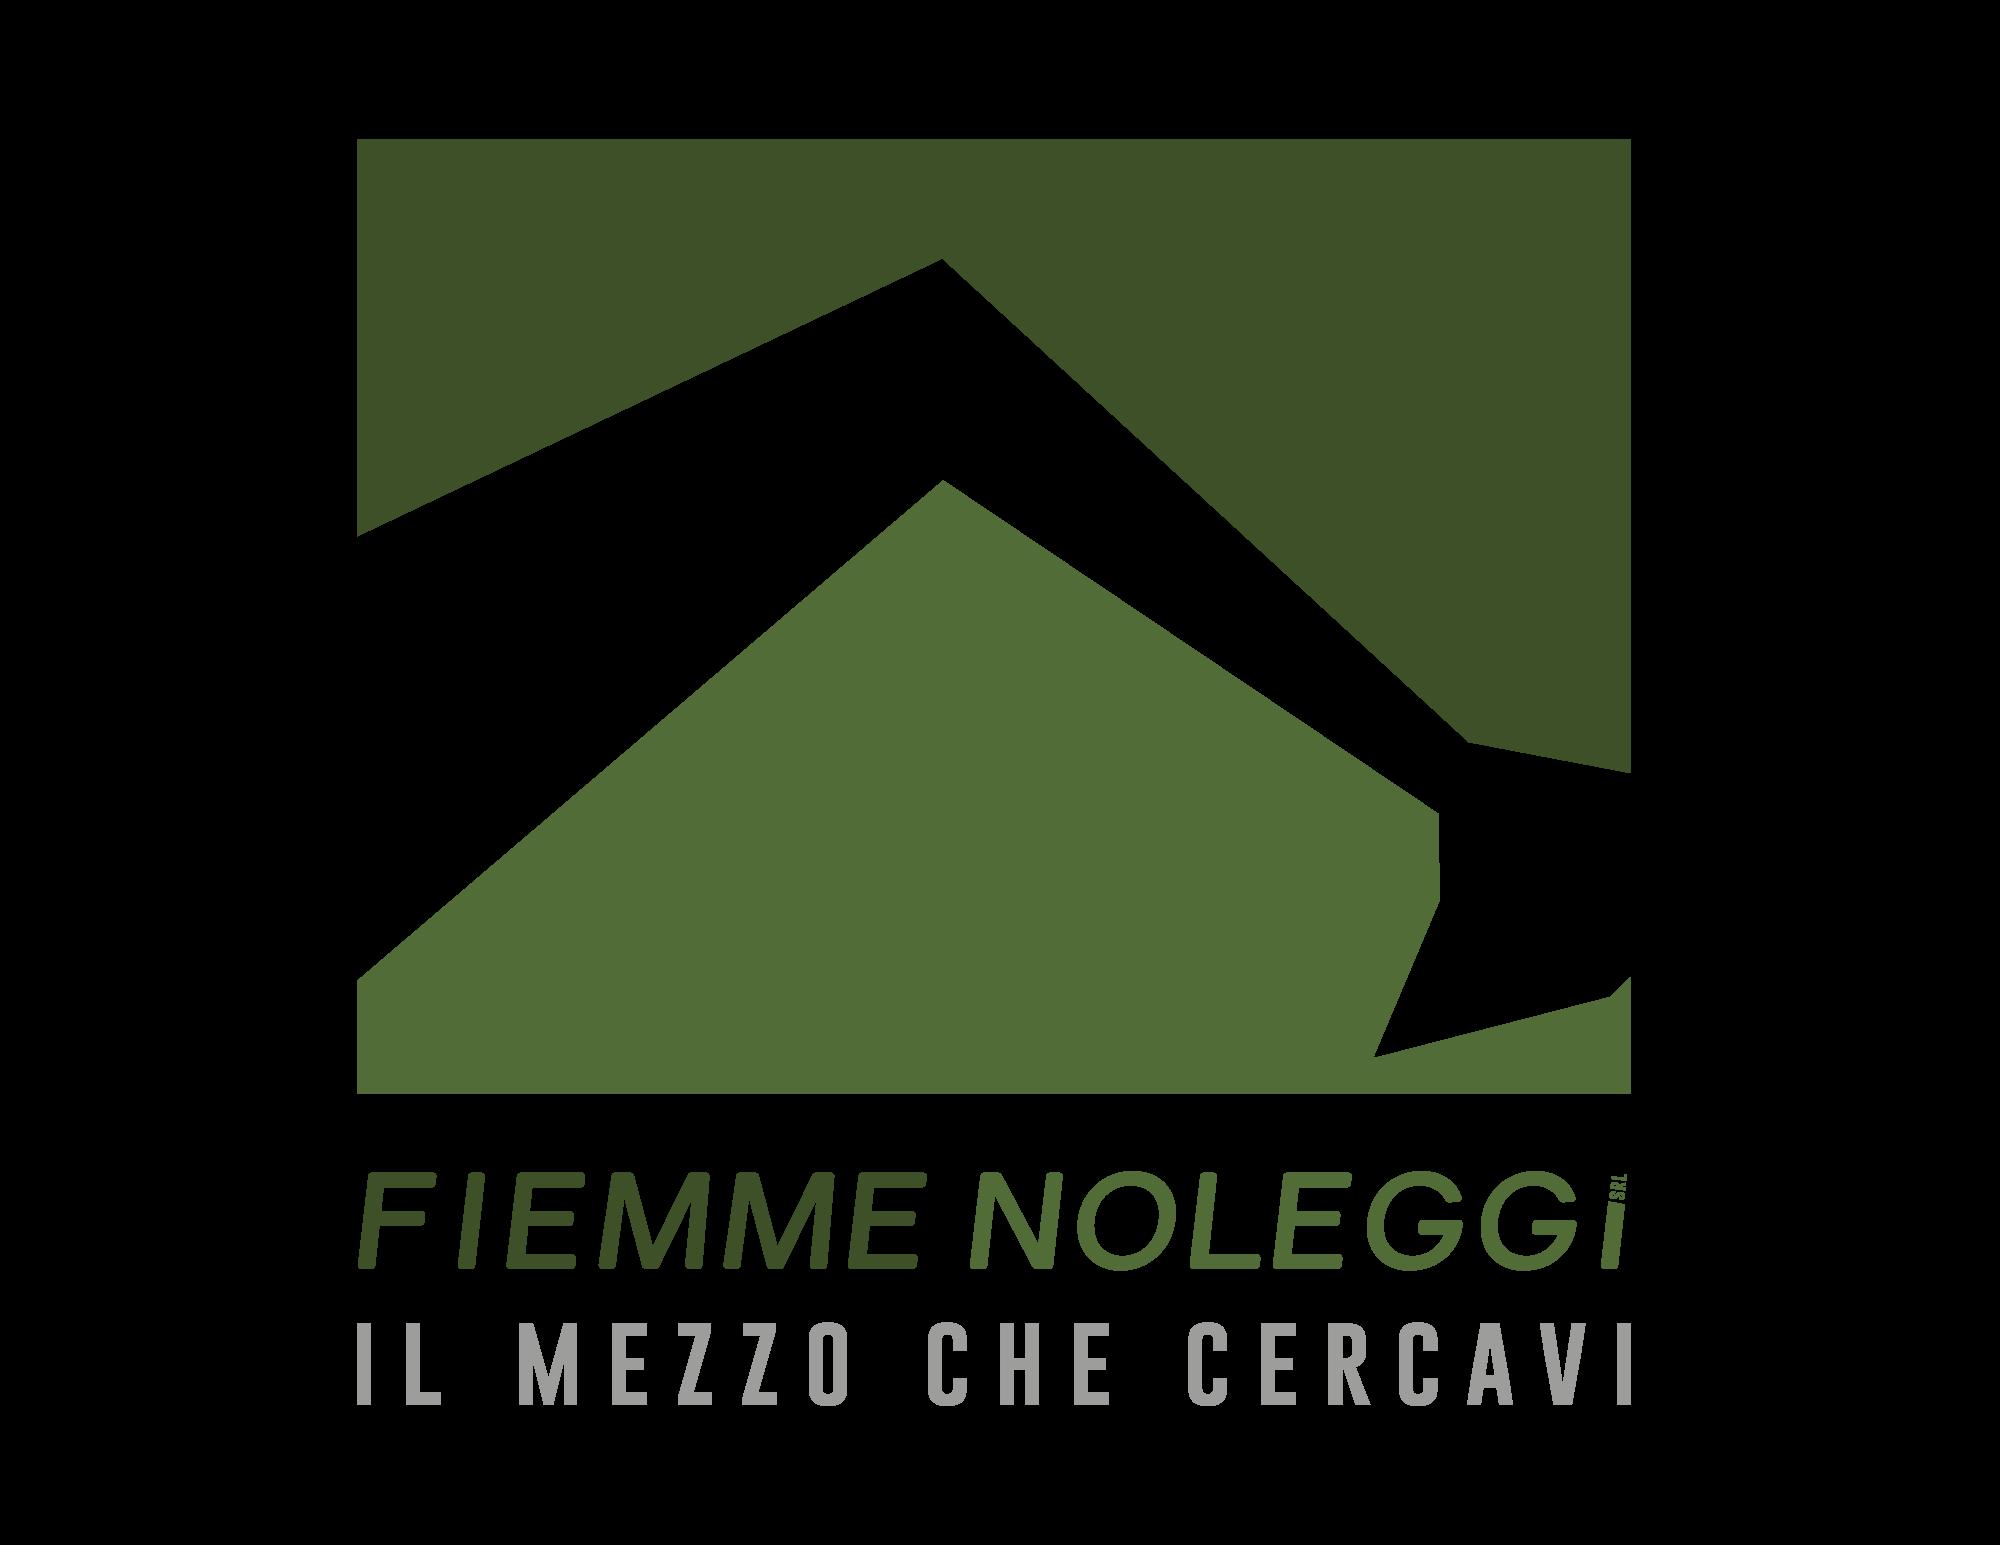 Noleggio FIEMME NOLEGGI